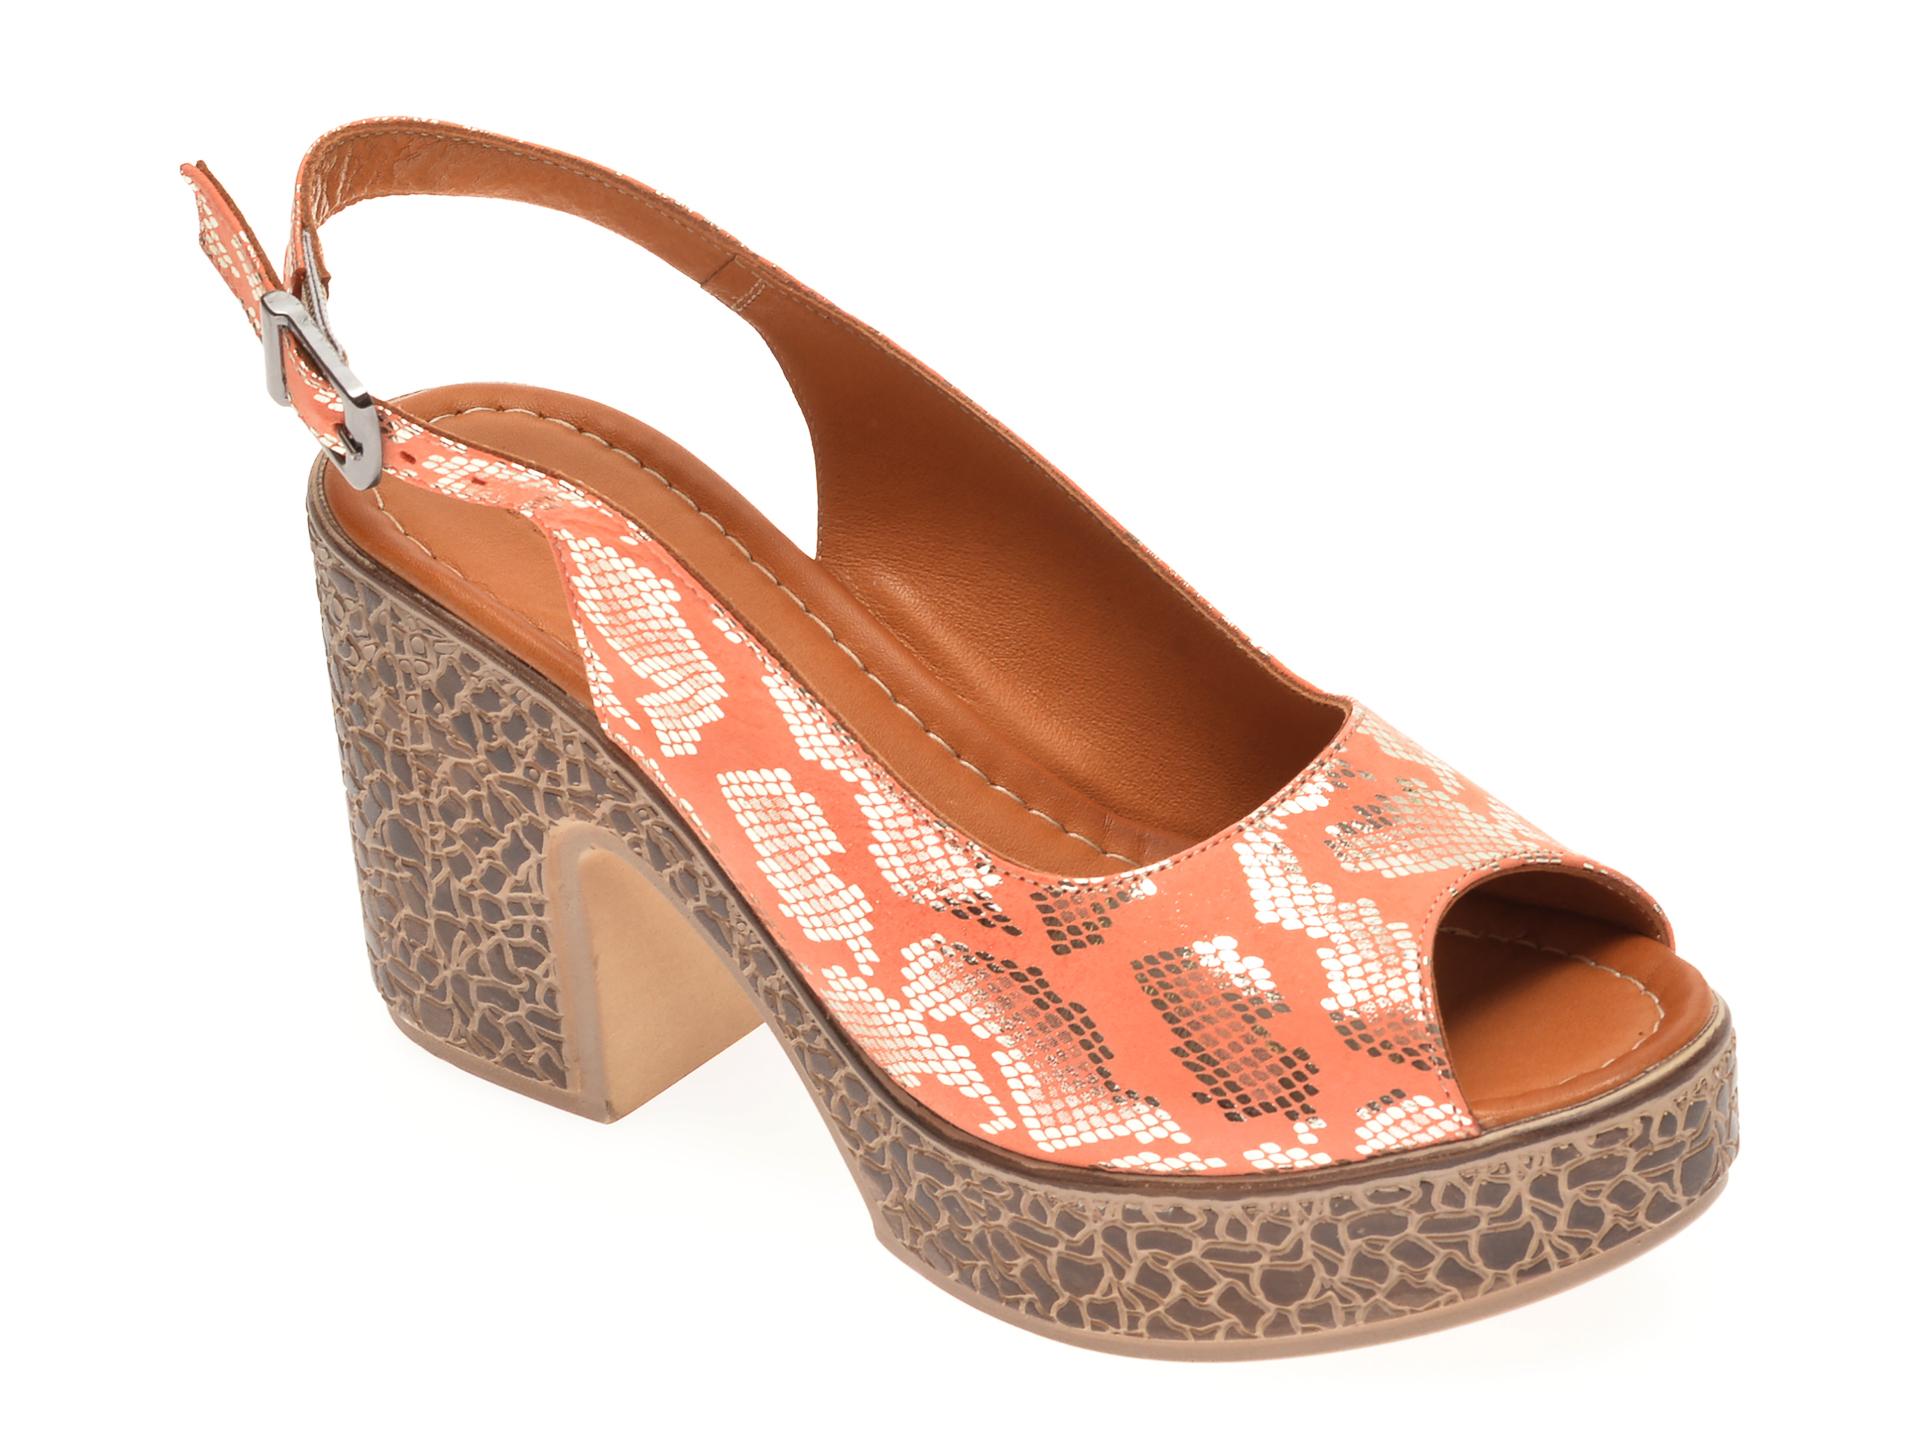 Sandale FLAVIA PASSINI portocalii, 1181735, din piele naturala